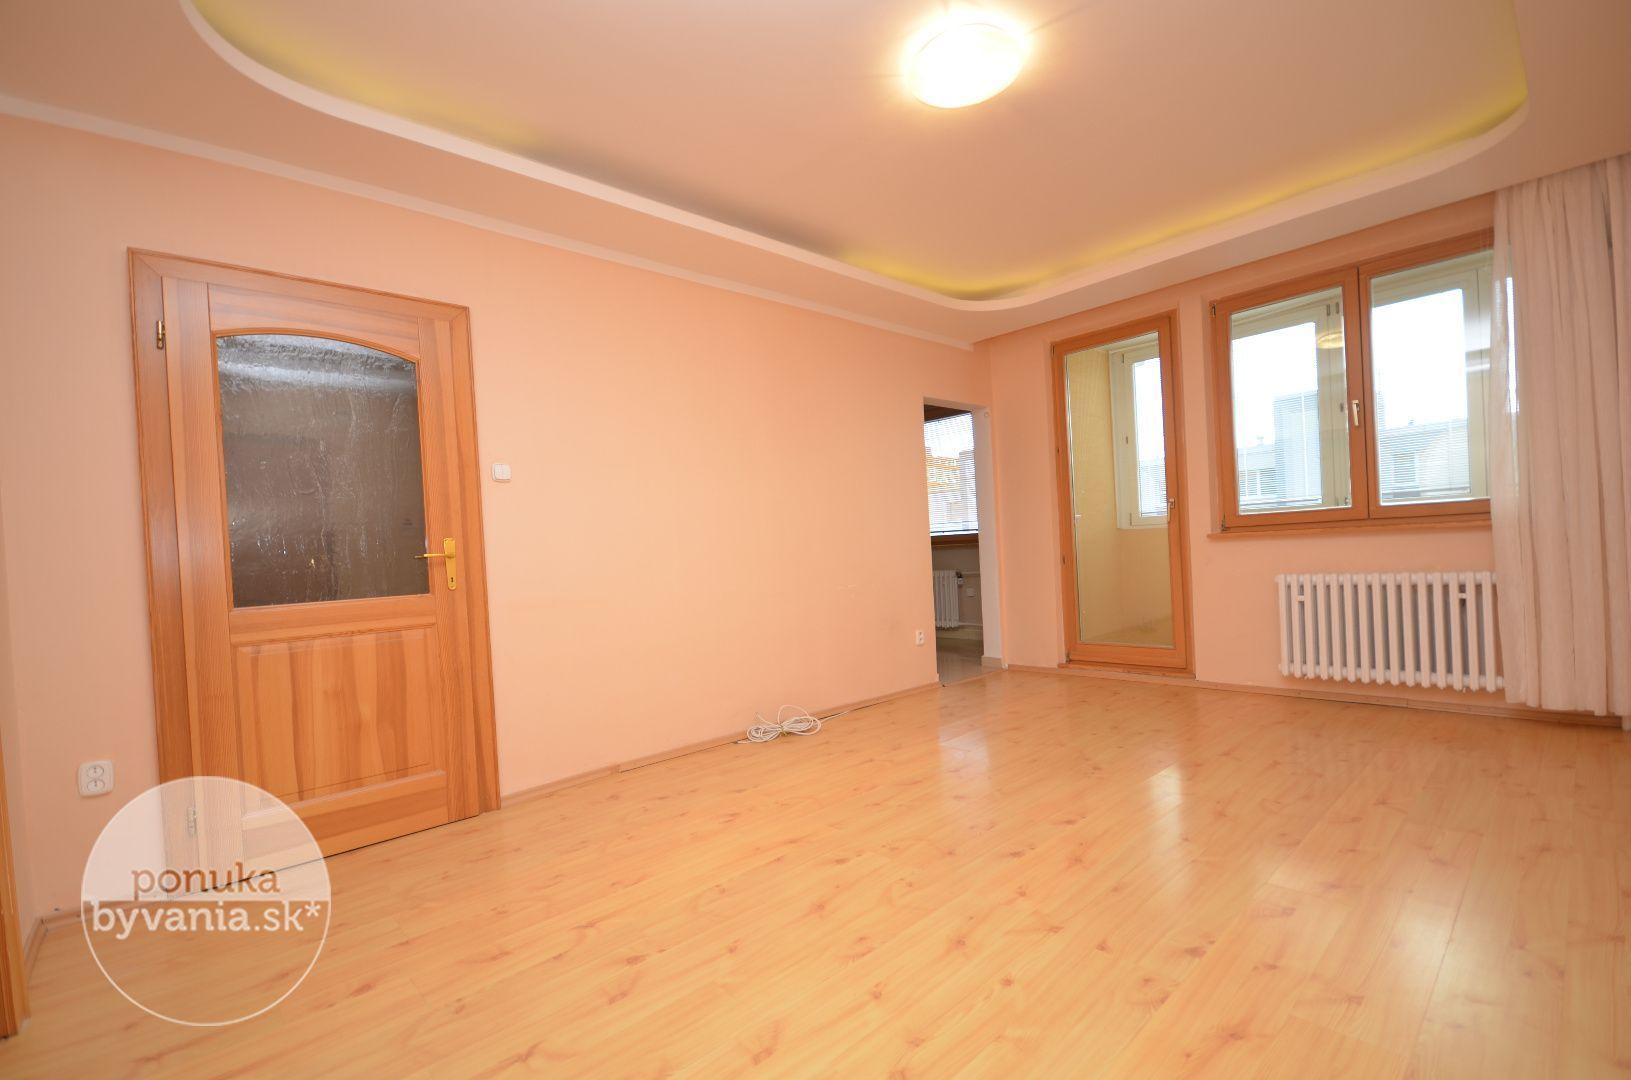 ponukabyvania.sk_Toplianska_3-izbový-byt_BARTA